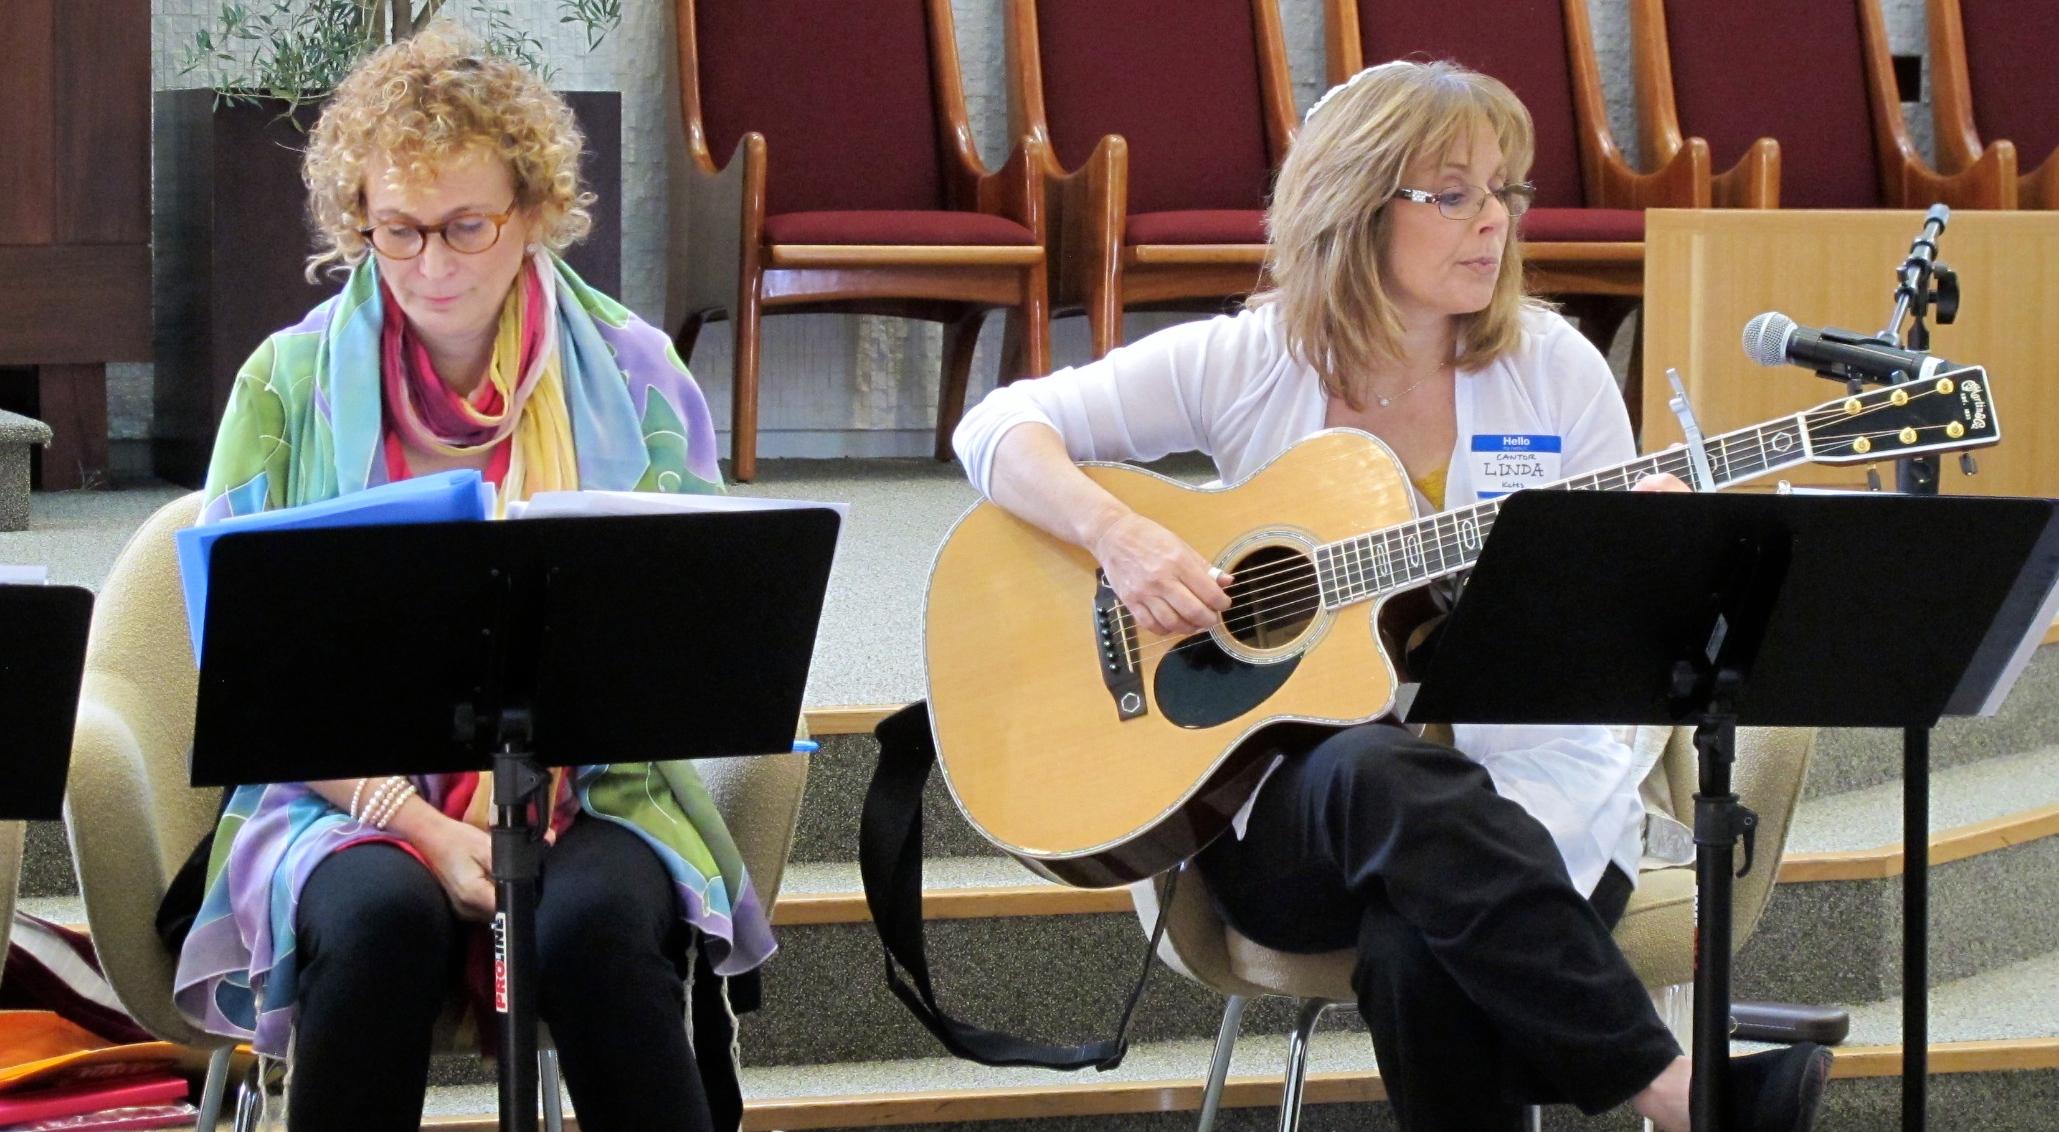 Jill and Linda